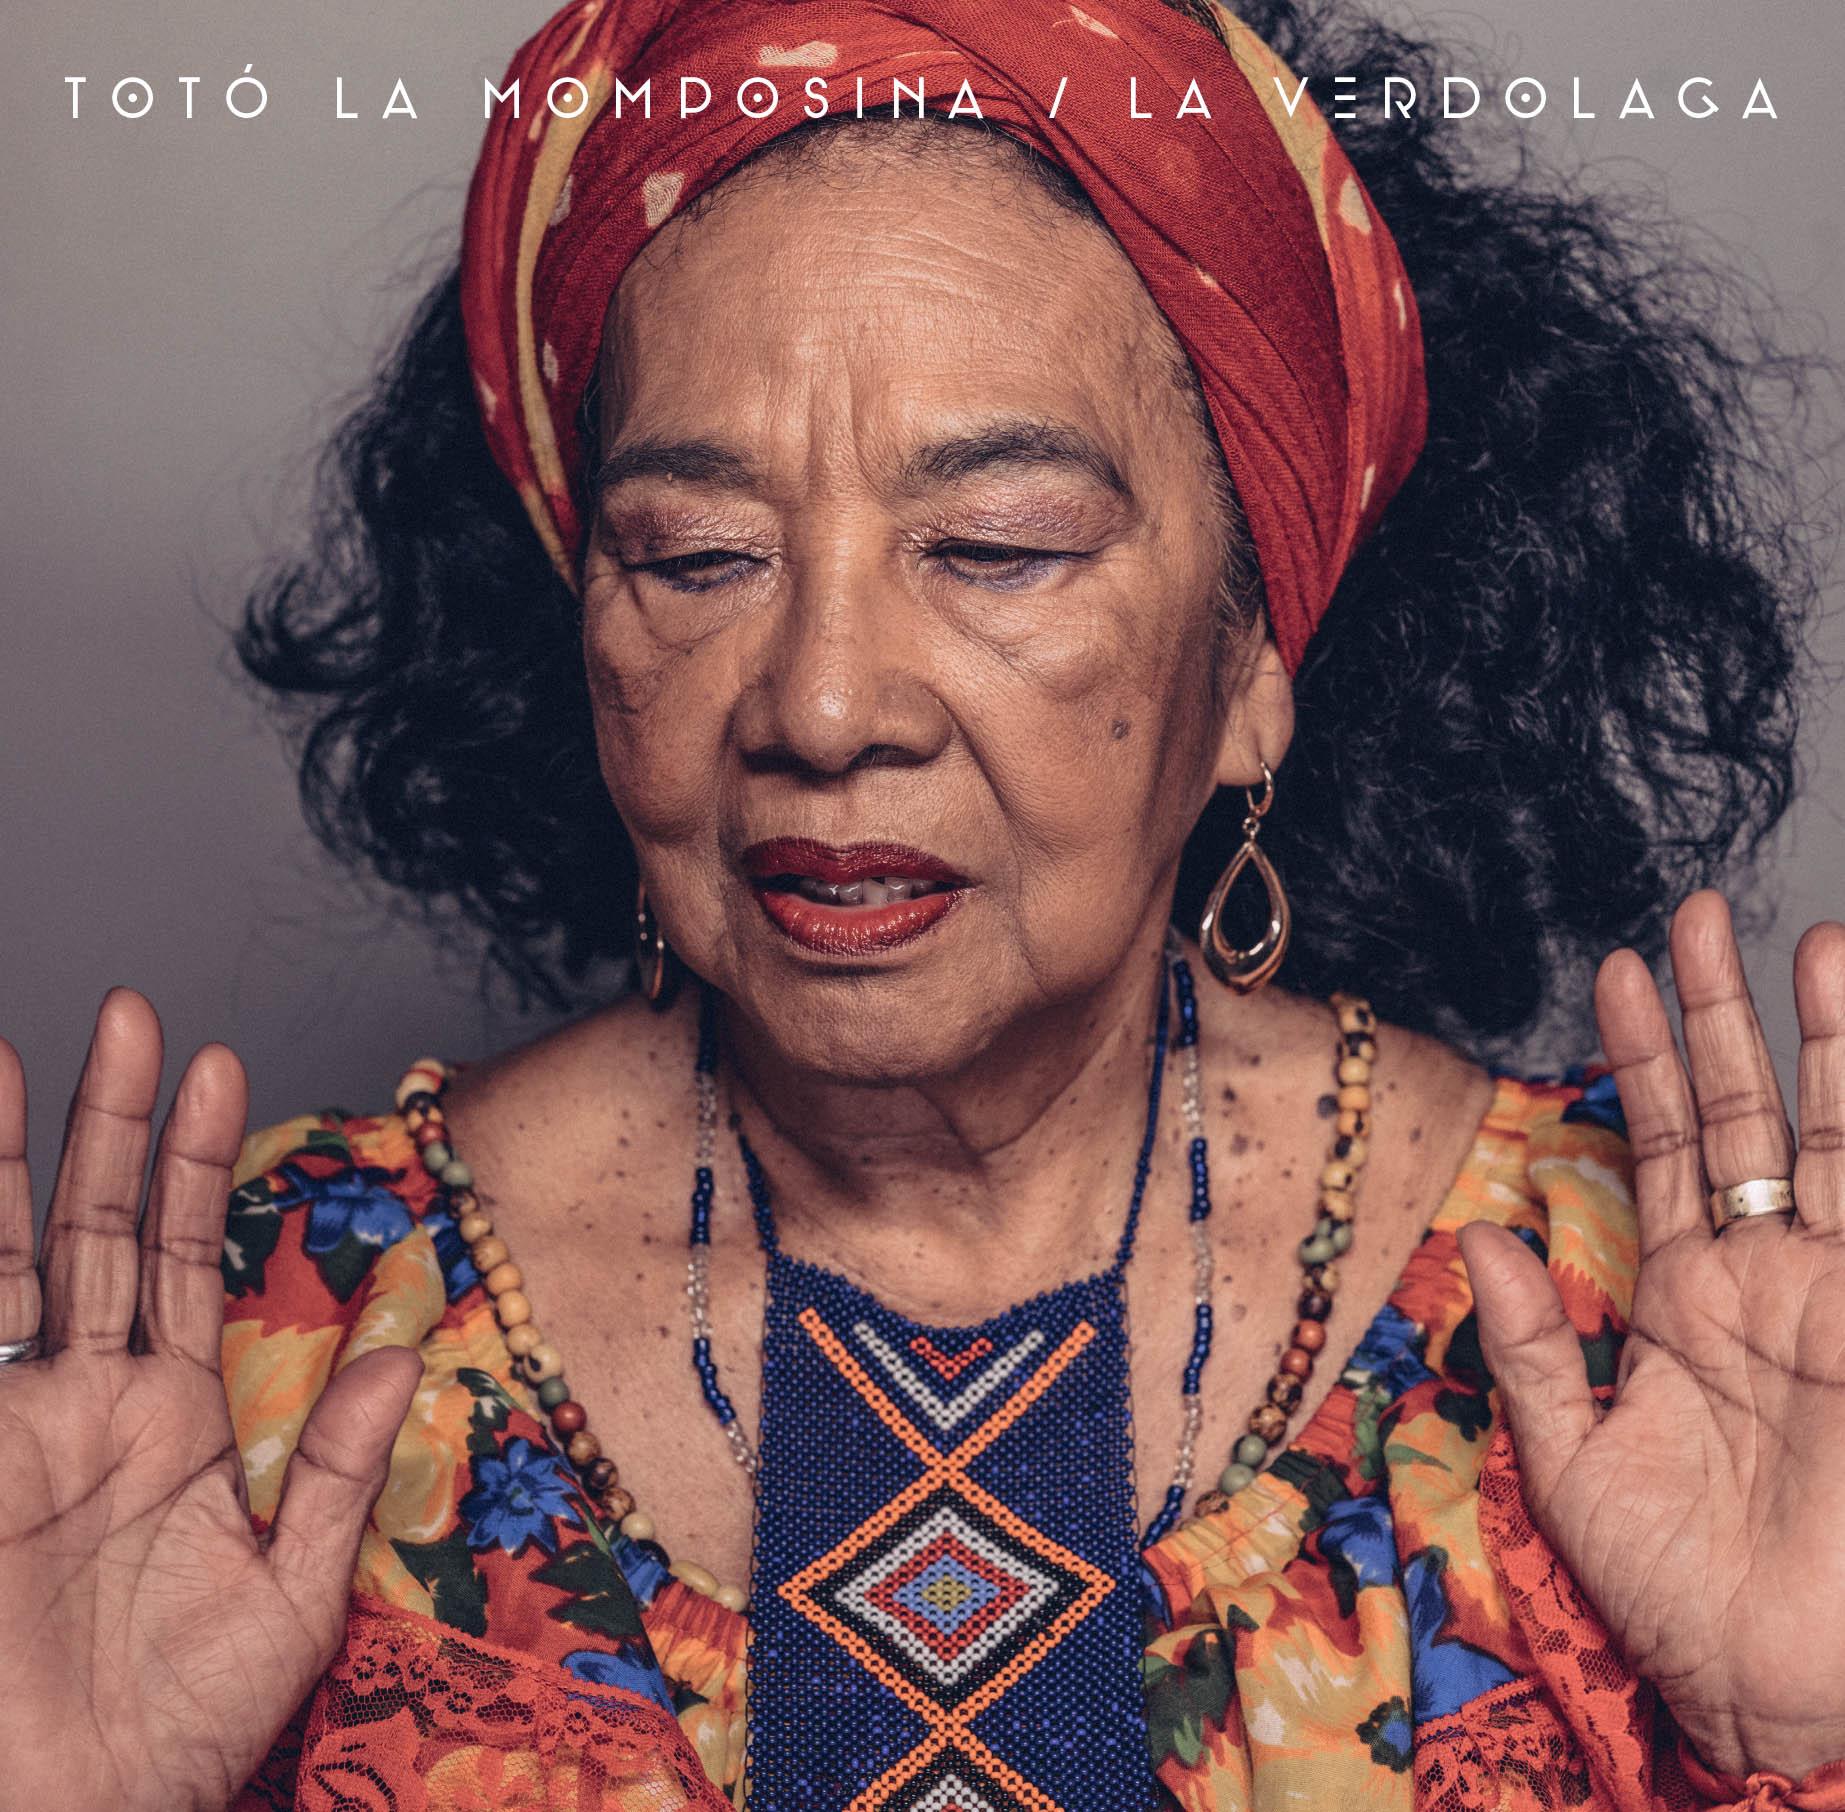 LA VERDOLAGA_LP front.jpg